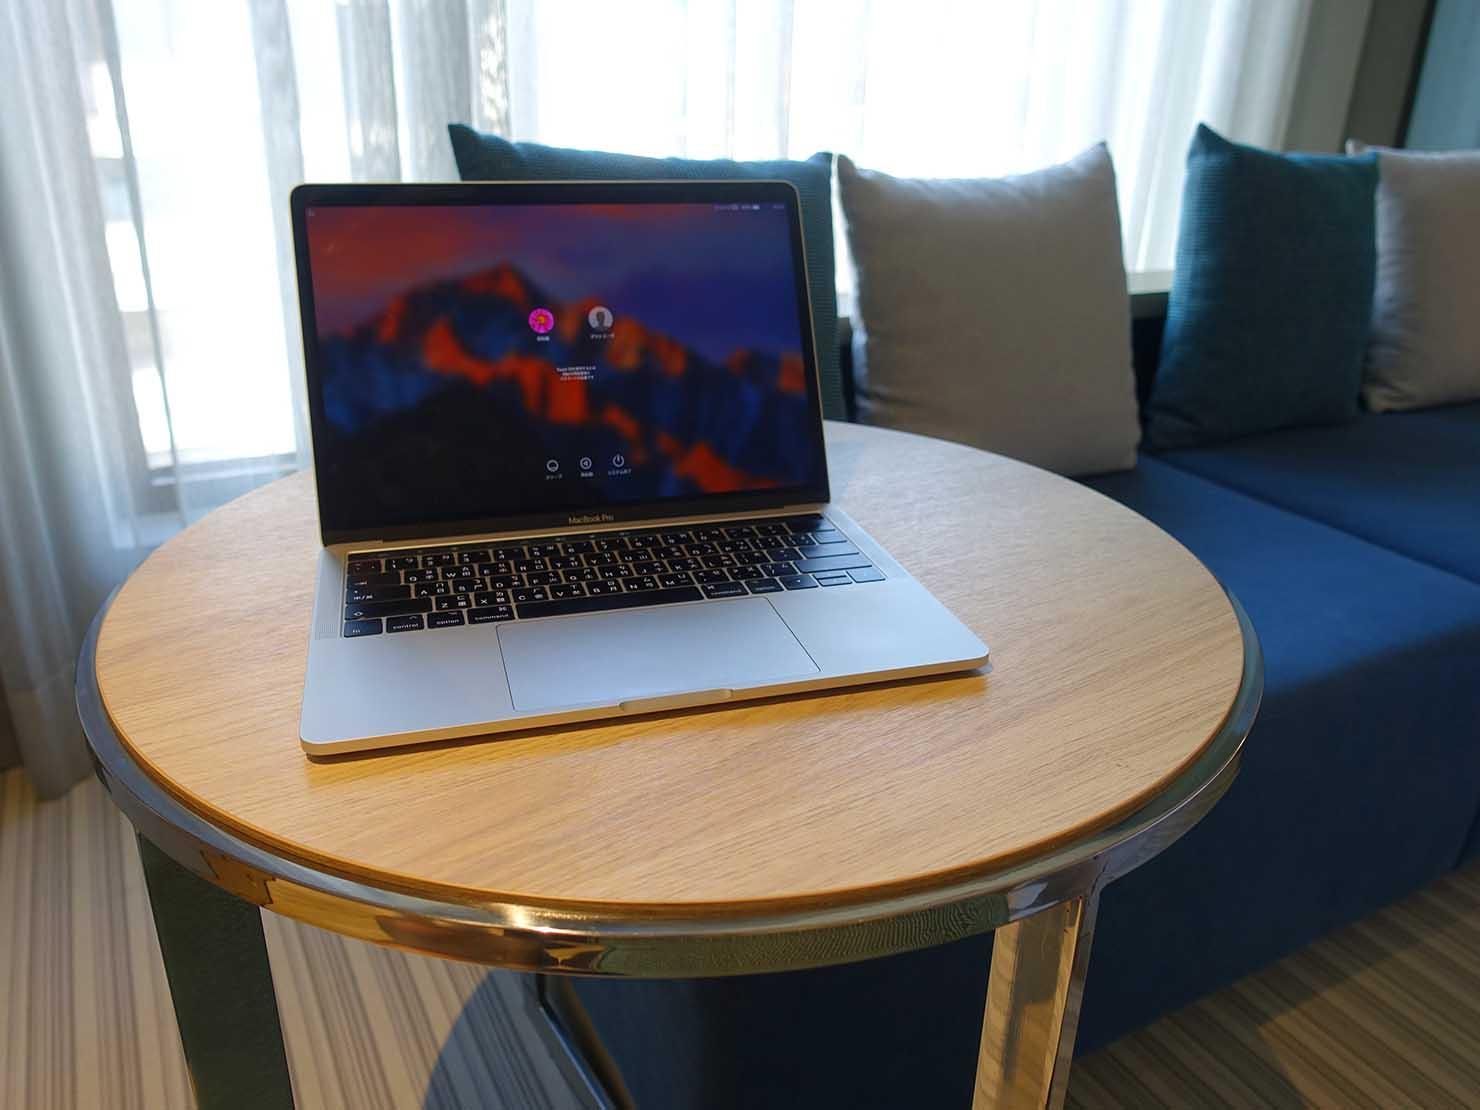 高雄市内観光におすすめのホテル「GREET INN 喜迎旅店」の豪華雙人房(デラックスダブル)のテーブル